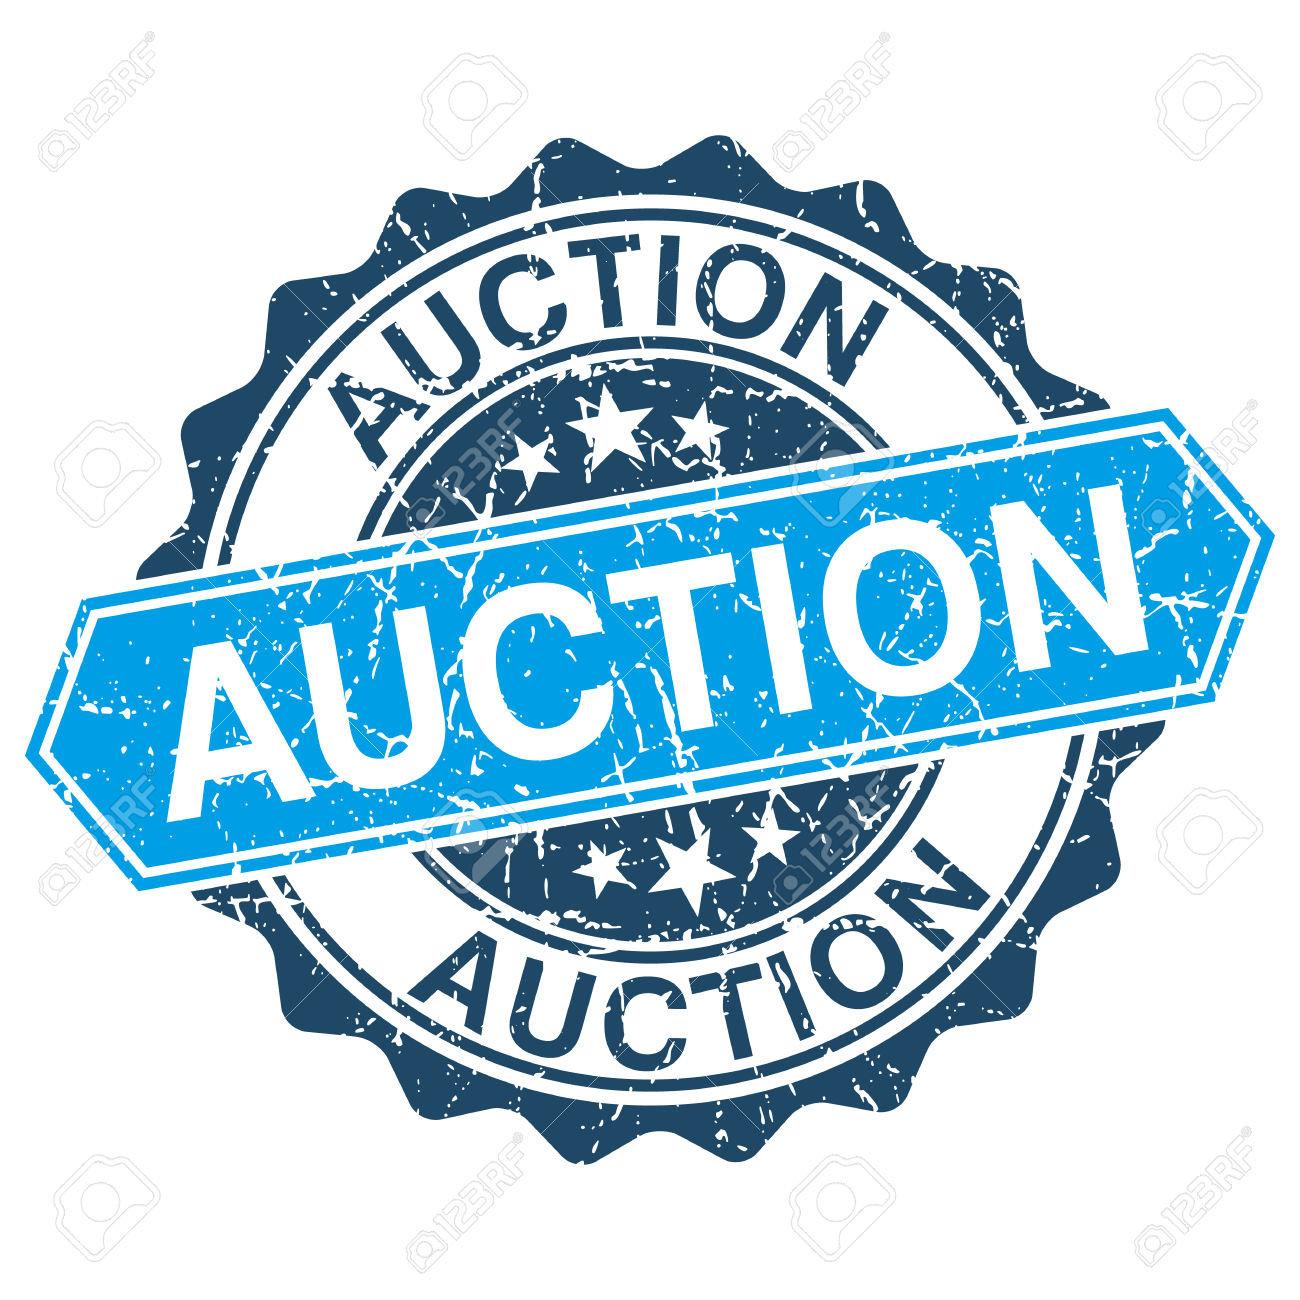 MSW Auction Co. LLC